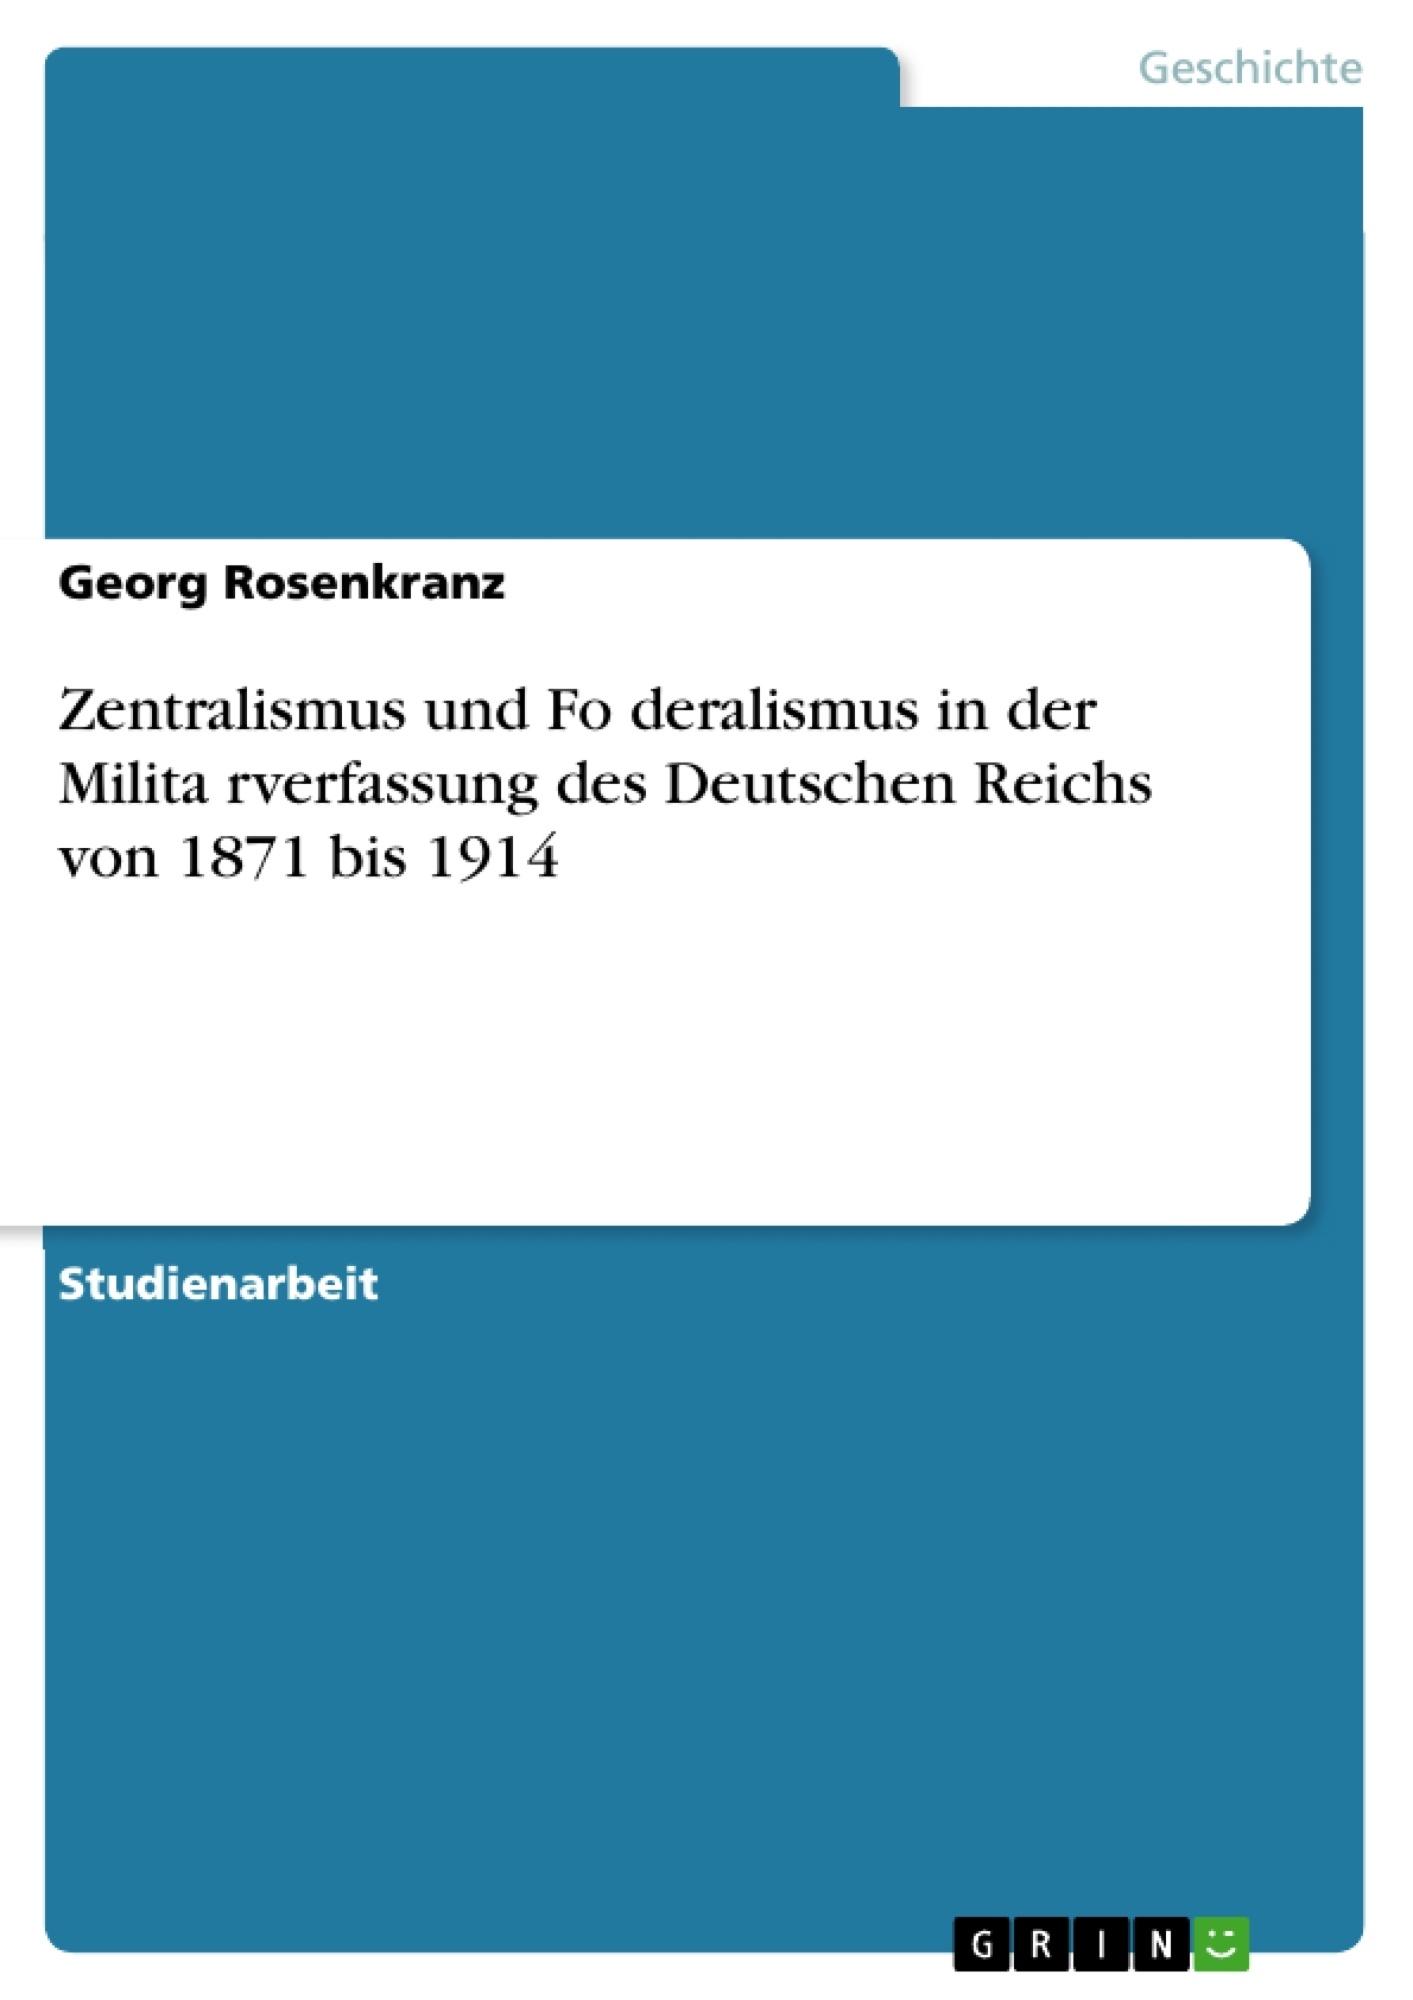 Titel: Zentralismus und Föderalismus in der Militärverfassung des Deutschen Reichs von 1871 bis 1914